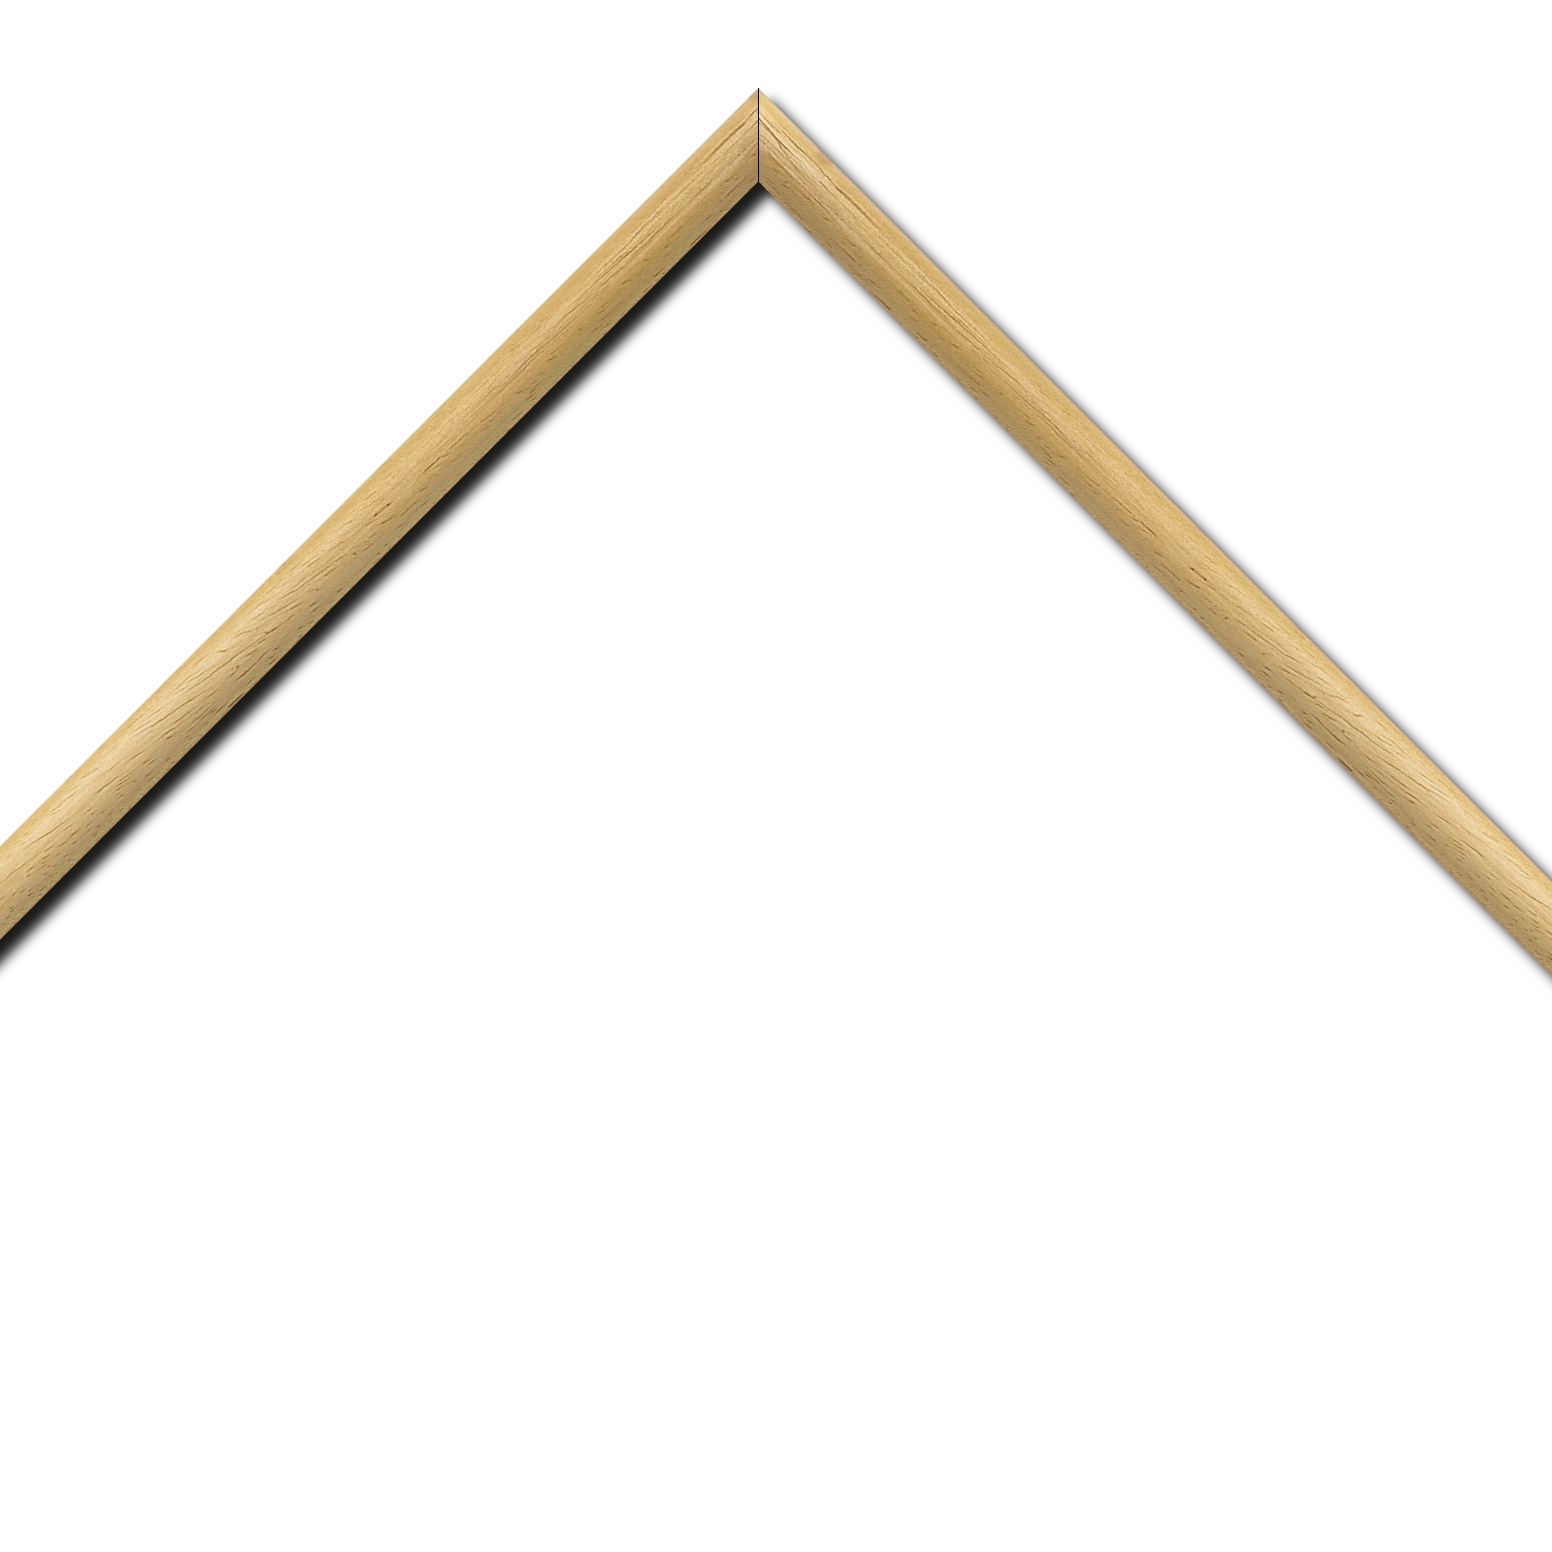 Baguette bois profil demi rond largeur 1.5cm couleur naturel satiné